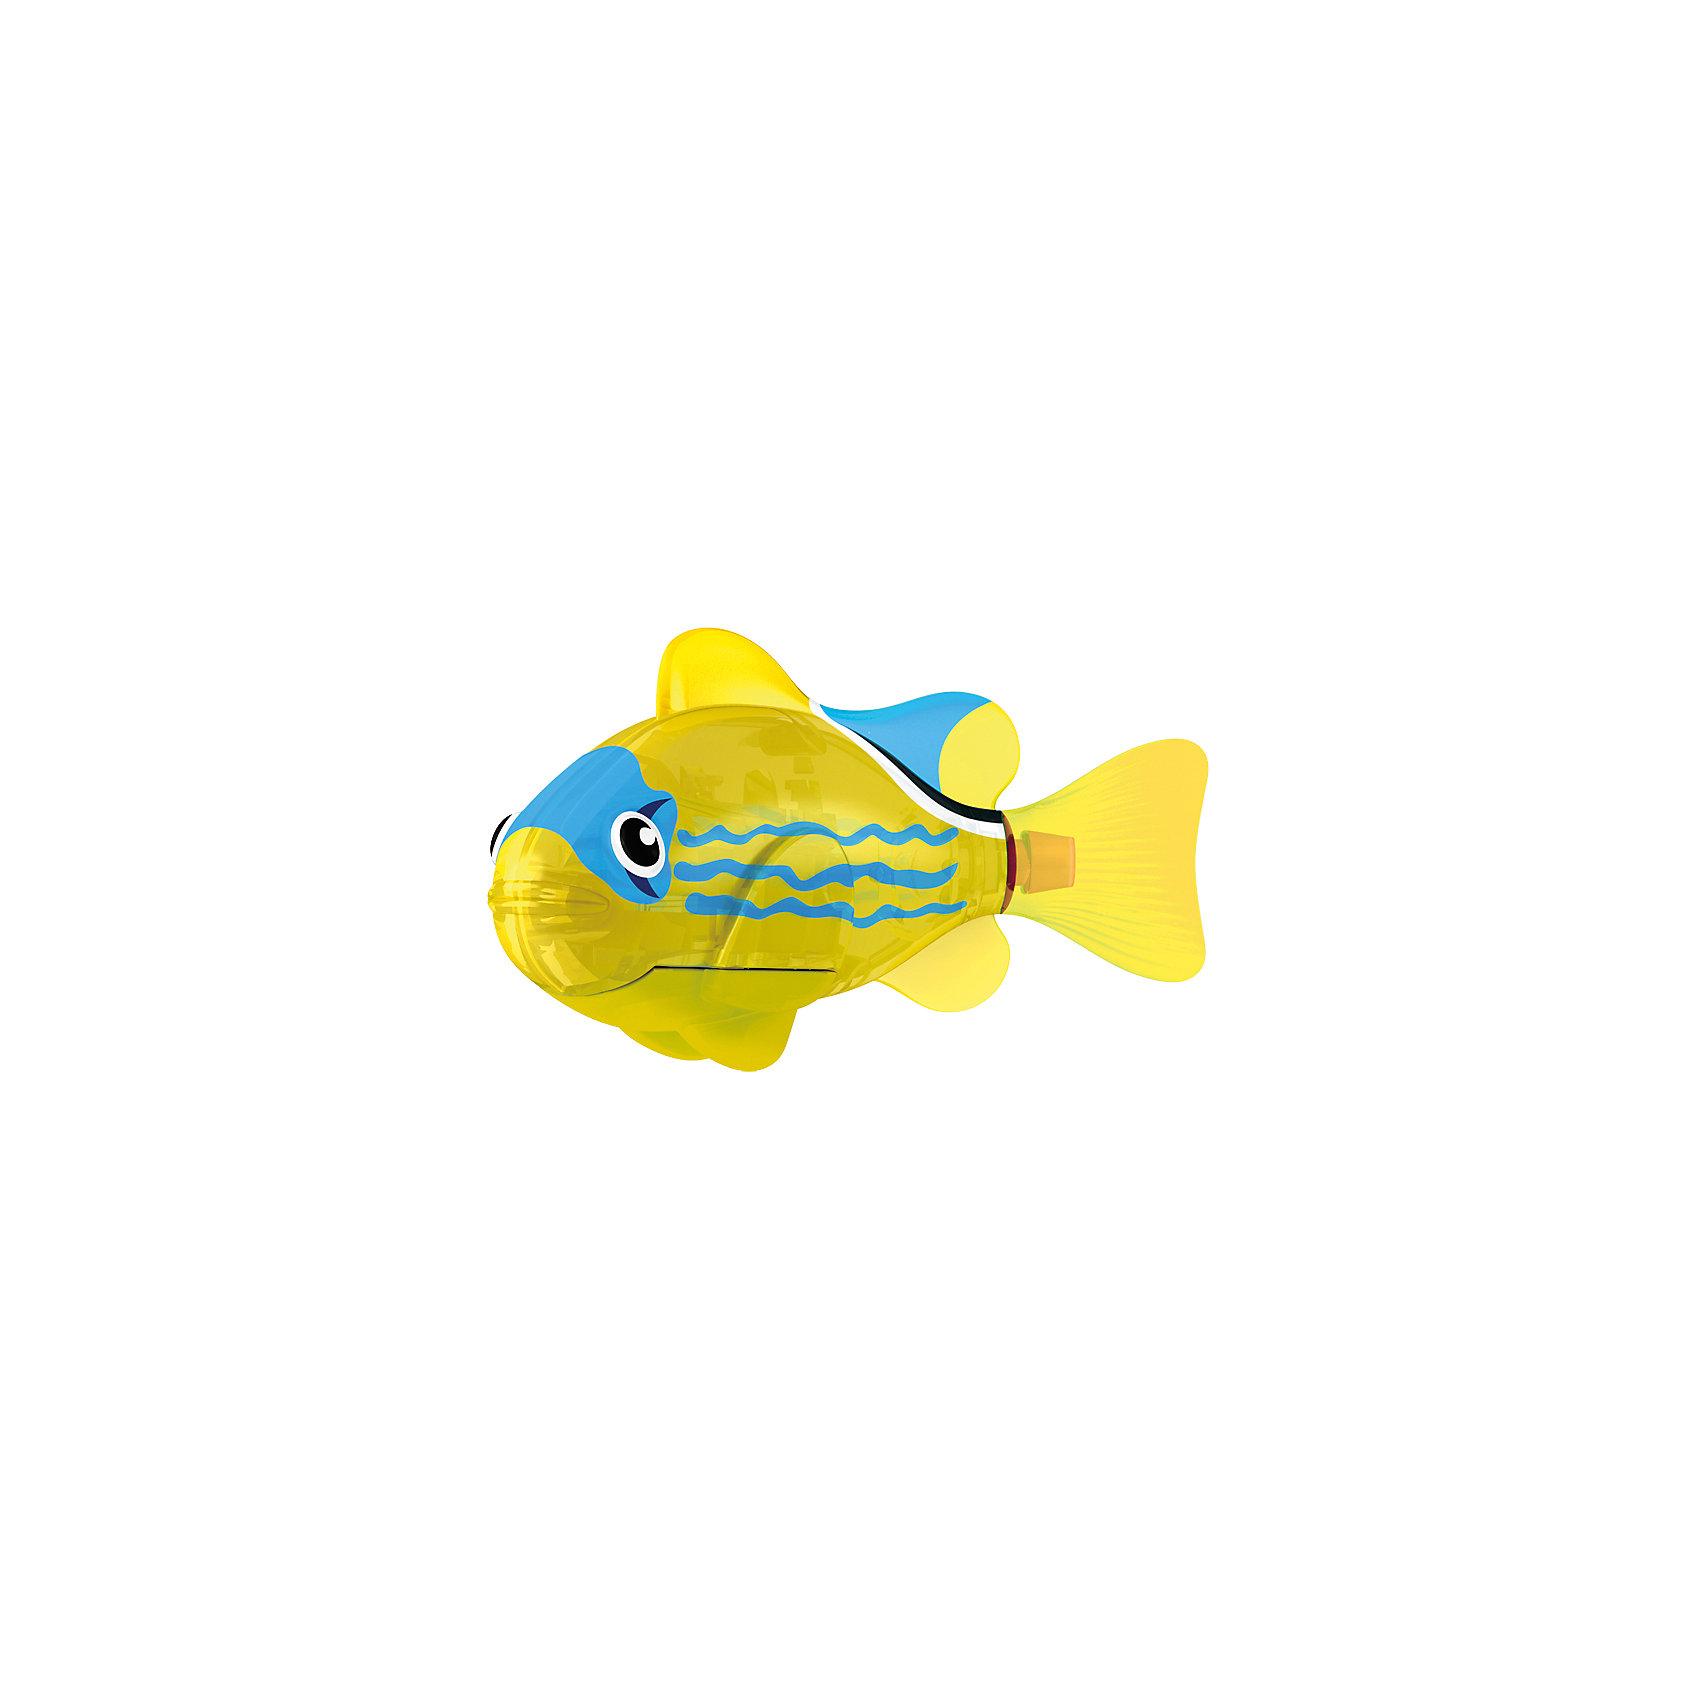 РобоРыбка светодиодная  Желтый фонарь, RoboFishРоборыбки и русалки<br>РобоРыбка светодиодная Желтый Фонарь, RoboFish (РобоФиш) - это инновационная рыбка, которая при соприкосновении с водой начинает не только плавать как живая, но и светиться.  <br><br>Симпатичная РобоРыбка с весёлым окрасом в виде чёрных и синих элементов на жёлтом фоне, как и другие рыбки светящейся серии, оснащается специальным маленьким светодиодом внутри, который красиво светится жёлтым светом. Интересней всего это смотрится тогда, когда в аквариуме будут находиться ещё и другие модели светящихся рыбок. Мягкий силиконовый хвост и электромагнитный мотор помогают рыбкам двигаться в 5 различных направлениях. Игрушка плавает в воде в течение 4-4,5 минут, после чего ее можно вынуть из воды, и снова опустить в воду, чтобы рыбка заработала снова.<br><br>Комплектация: РобоРыбка, 4 батарейки, подставка<br><br>Дополнительная информация:<br><br>-Длина игрушки: около 7 см, высота: 3,5 см   <br>-Работает от 2х батареек типа А76 или RL44 (есть в комплекте 4 шт.)<br>-Материалы: силикон, пластмасса<br><br>Не знаете чем удивить своего ребенка? Подарите ему светящуюся РобоРыбку! РобоРыбки не только плавают в воде, но и светятся!<br><br>РобоРыбку светодиодную Желтый Фонарь, RoboFish (РобоФиш) можно купить в нашем магазине.<br><br>Ширина мм: 60<br>Глубина мм: 200<br>Высота мм: 50<br>Вес г: 90<br>Возраст от месяцев: 60<br>Возраст до месяцев: 144<br>Пол: Унисекс<br>Возраст: Детский<br>SKU: 3544548